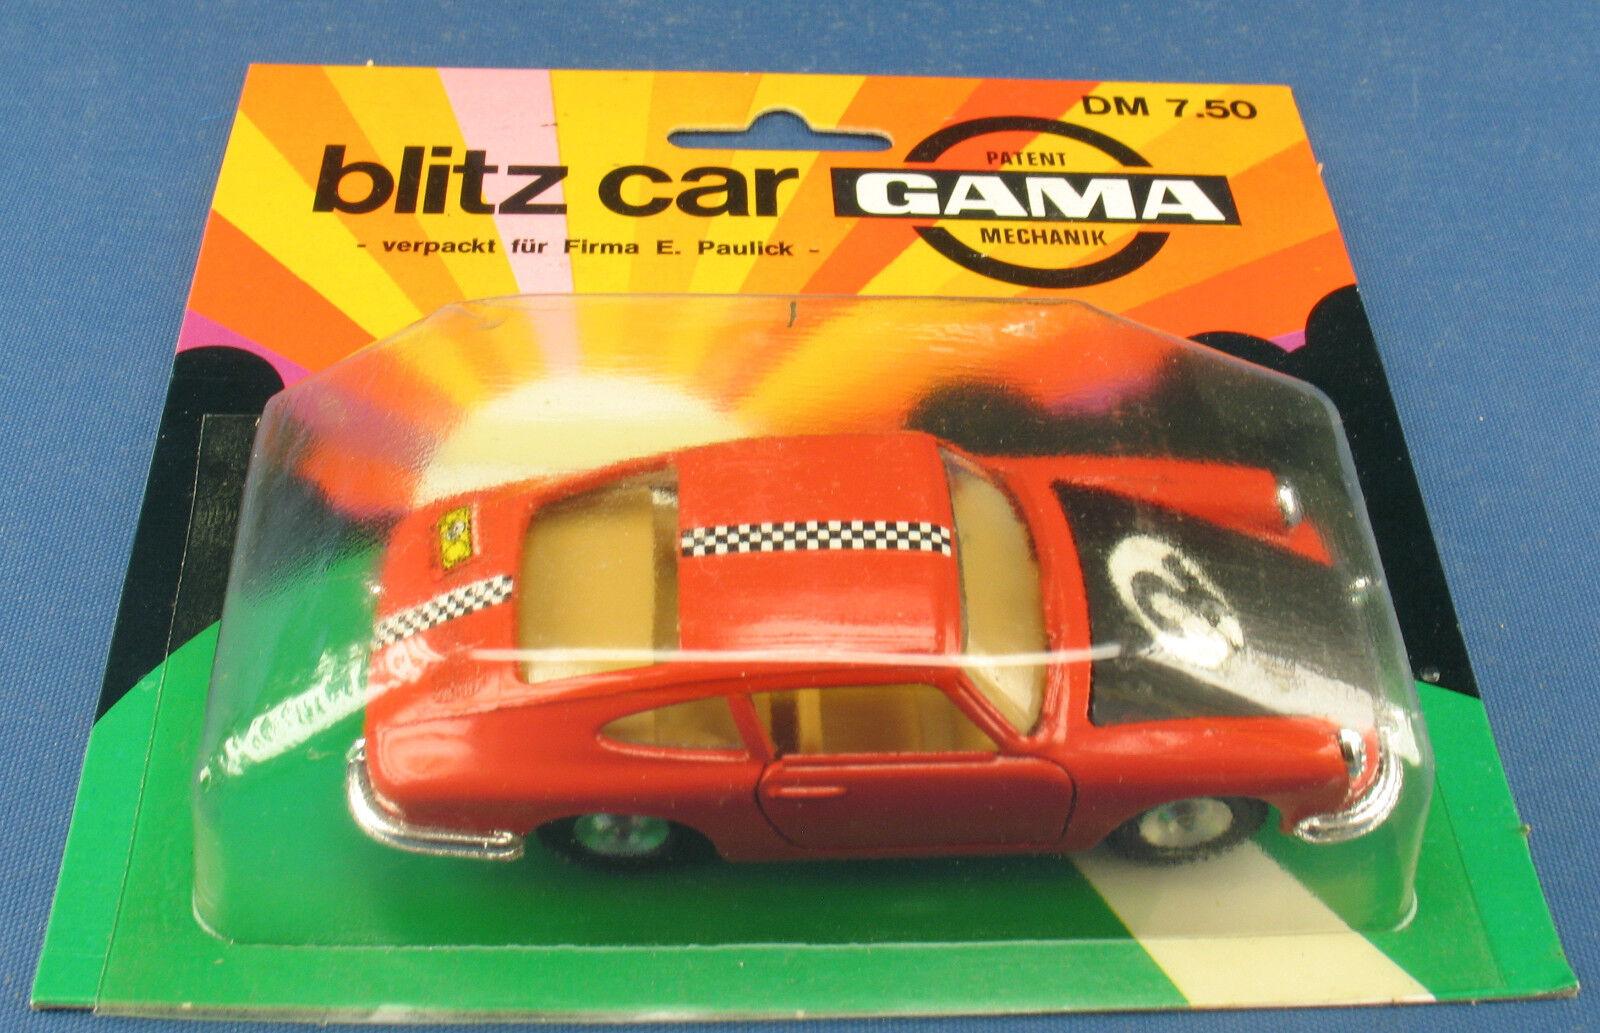 GAMA MINI 973 - Porsche 911 - 1 42 - 500 Mile Race Decal - NEU in OVP -Model Car